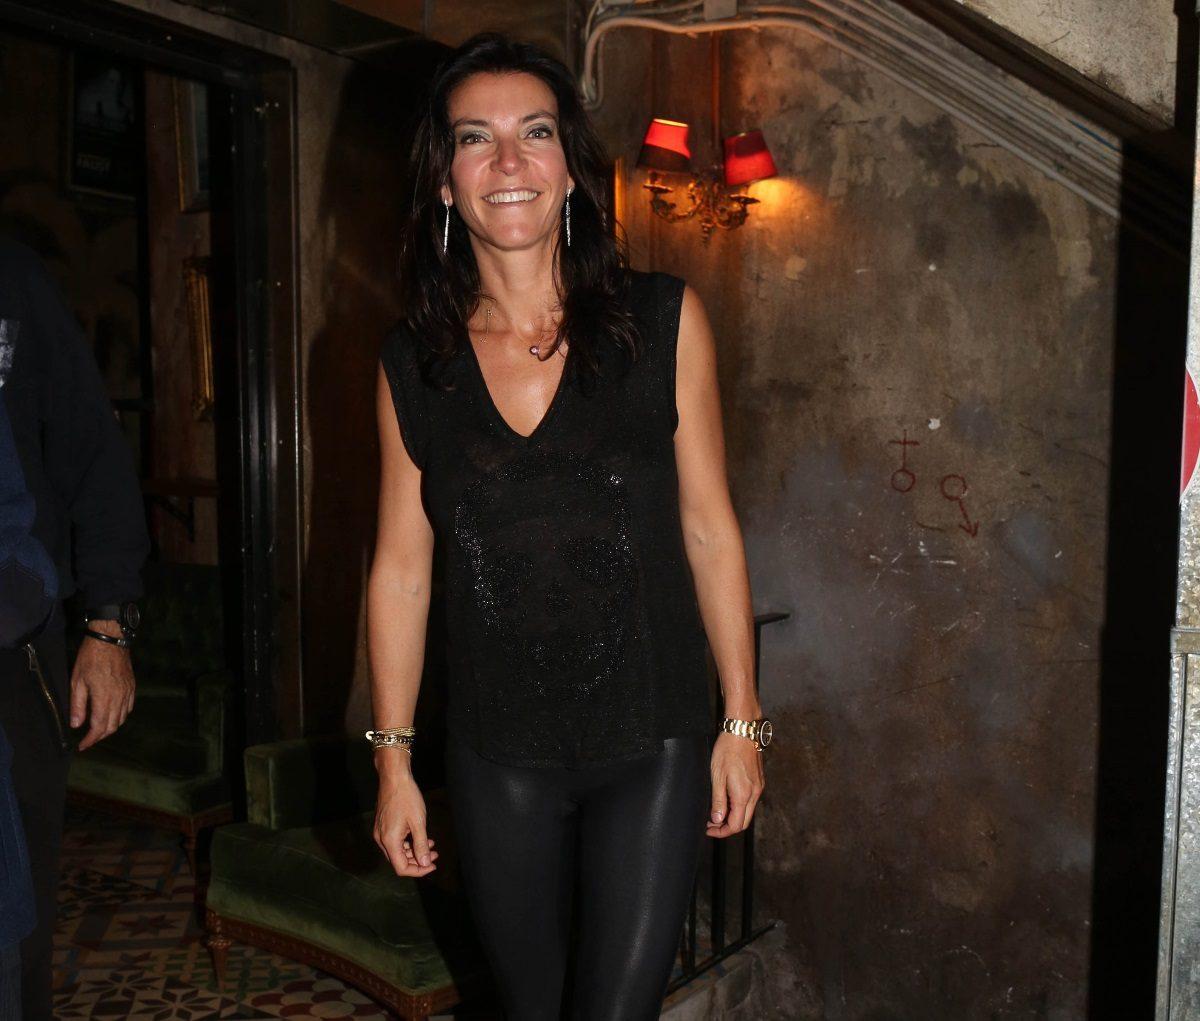 Μαρίνα Βερνίκου: Οι διάσημοι φίλοι της έκαναν πάρτι έκπληξη για τα γενέθλιά της! [vids] | tlife.gr